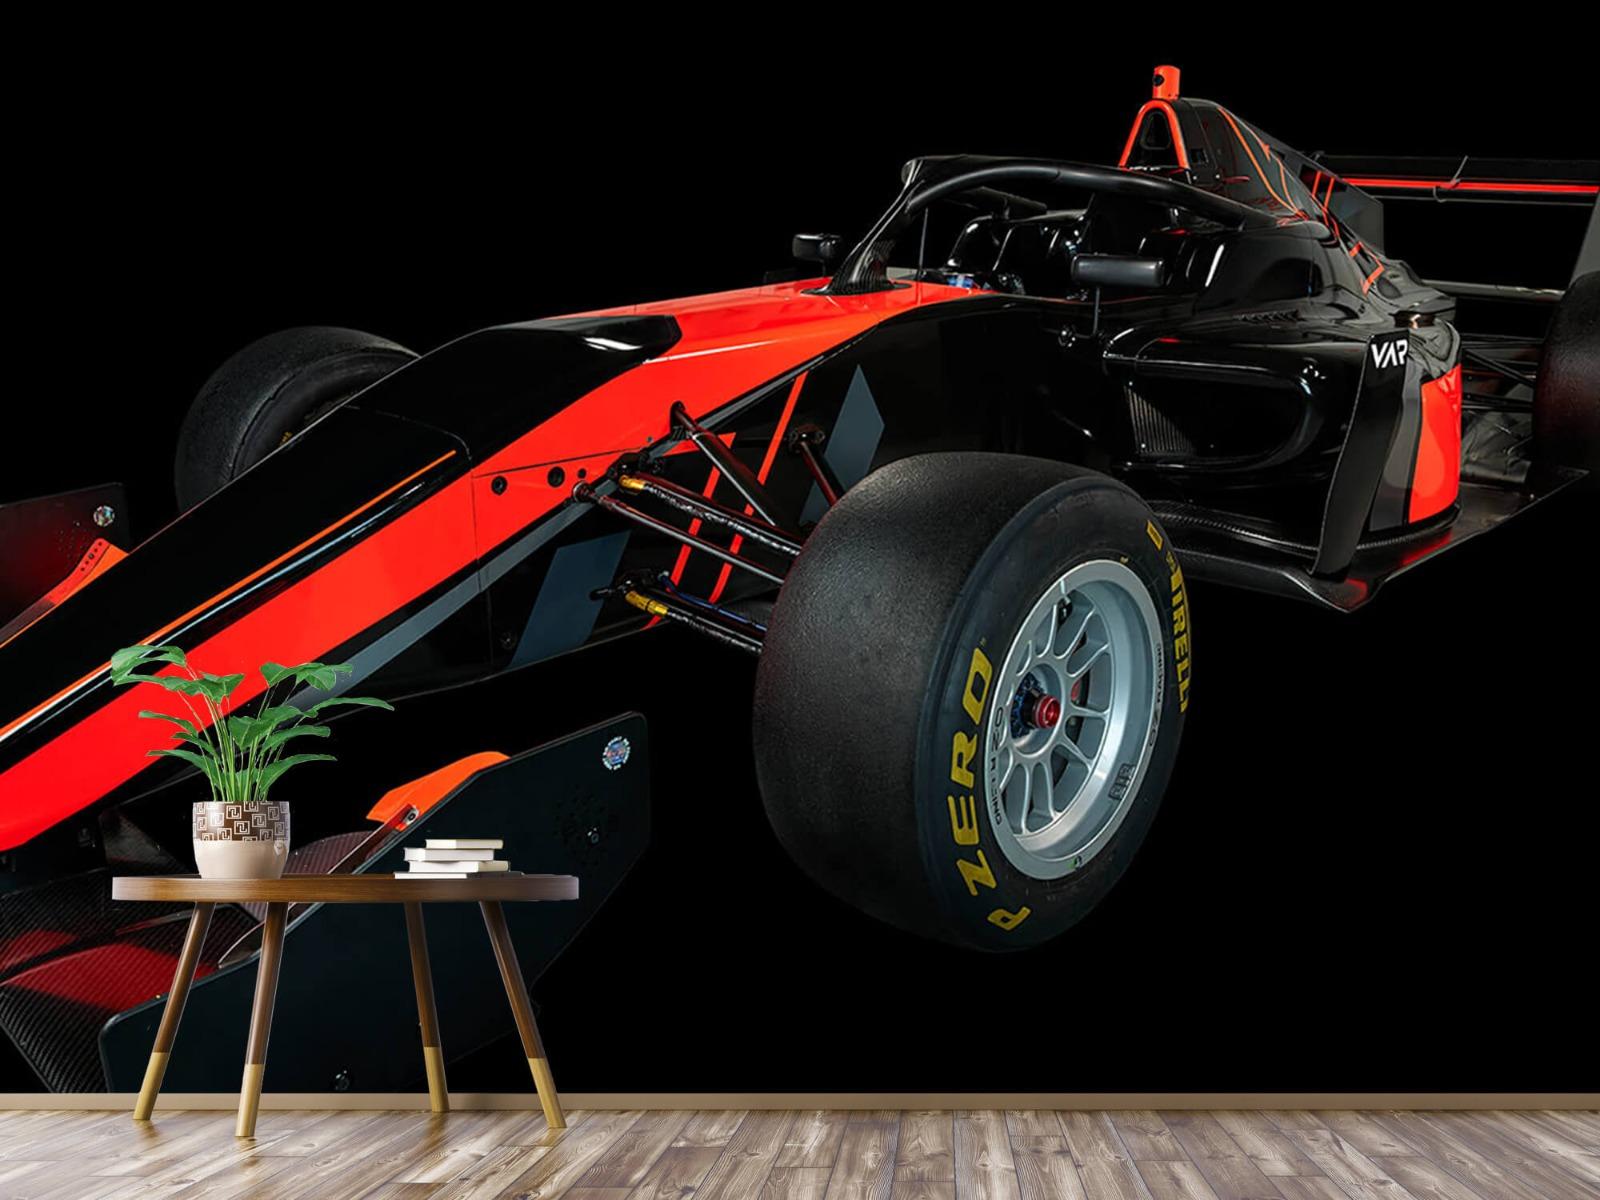 Sportauto's - Formule 3 - Left front view - dark - Vergaderruimte 3